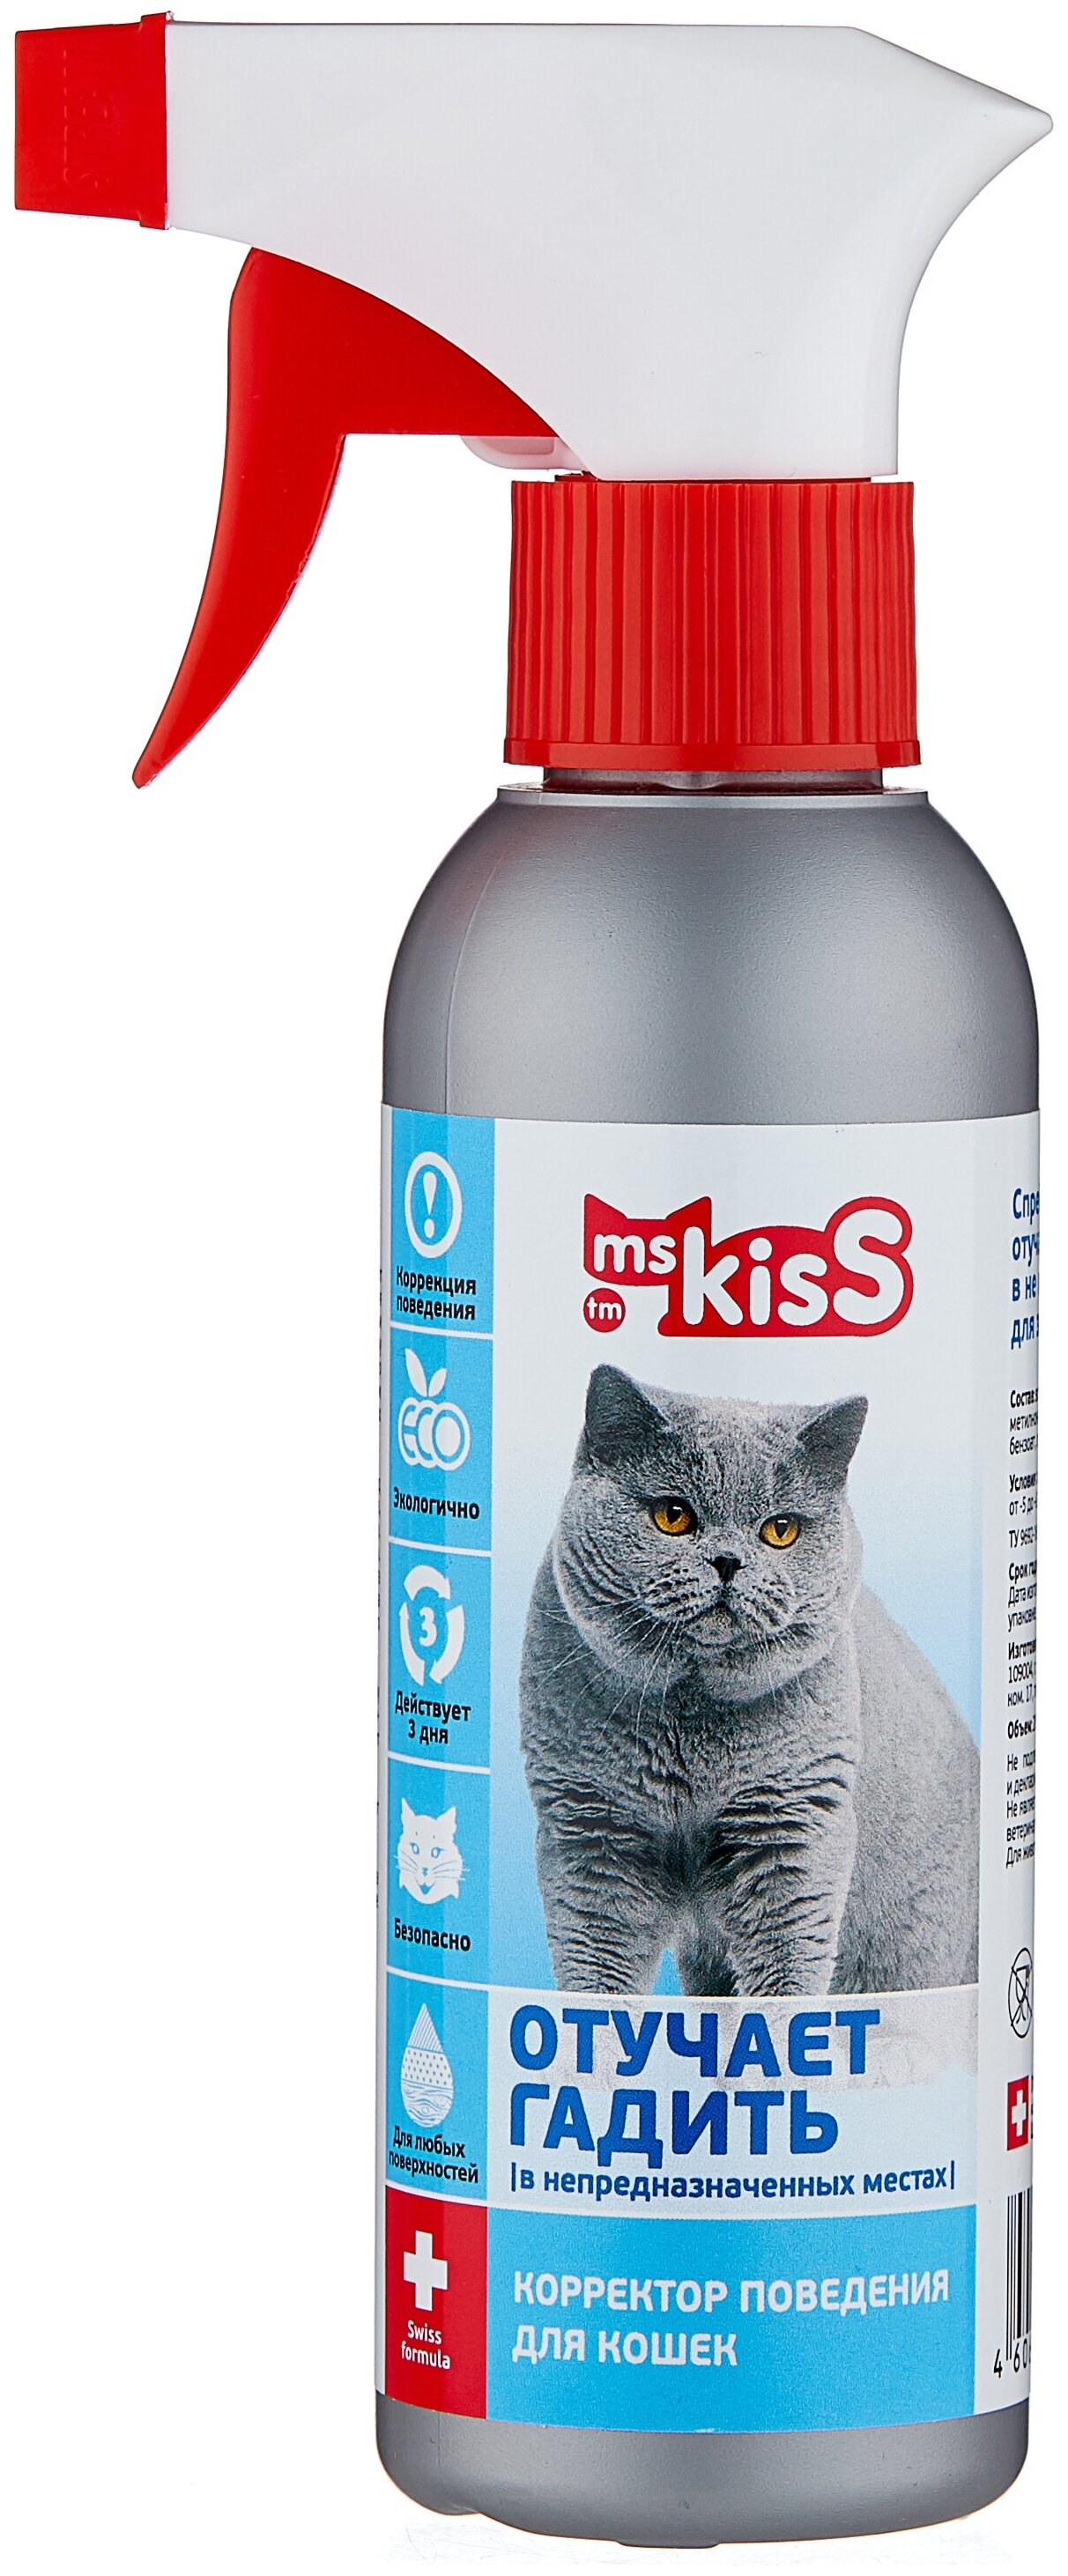 Спрей Ms.Kiss для кошек Отучает гадить 200 мл — купить по выгодной цене на Яндекс.Маркете